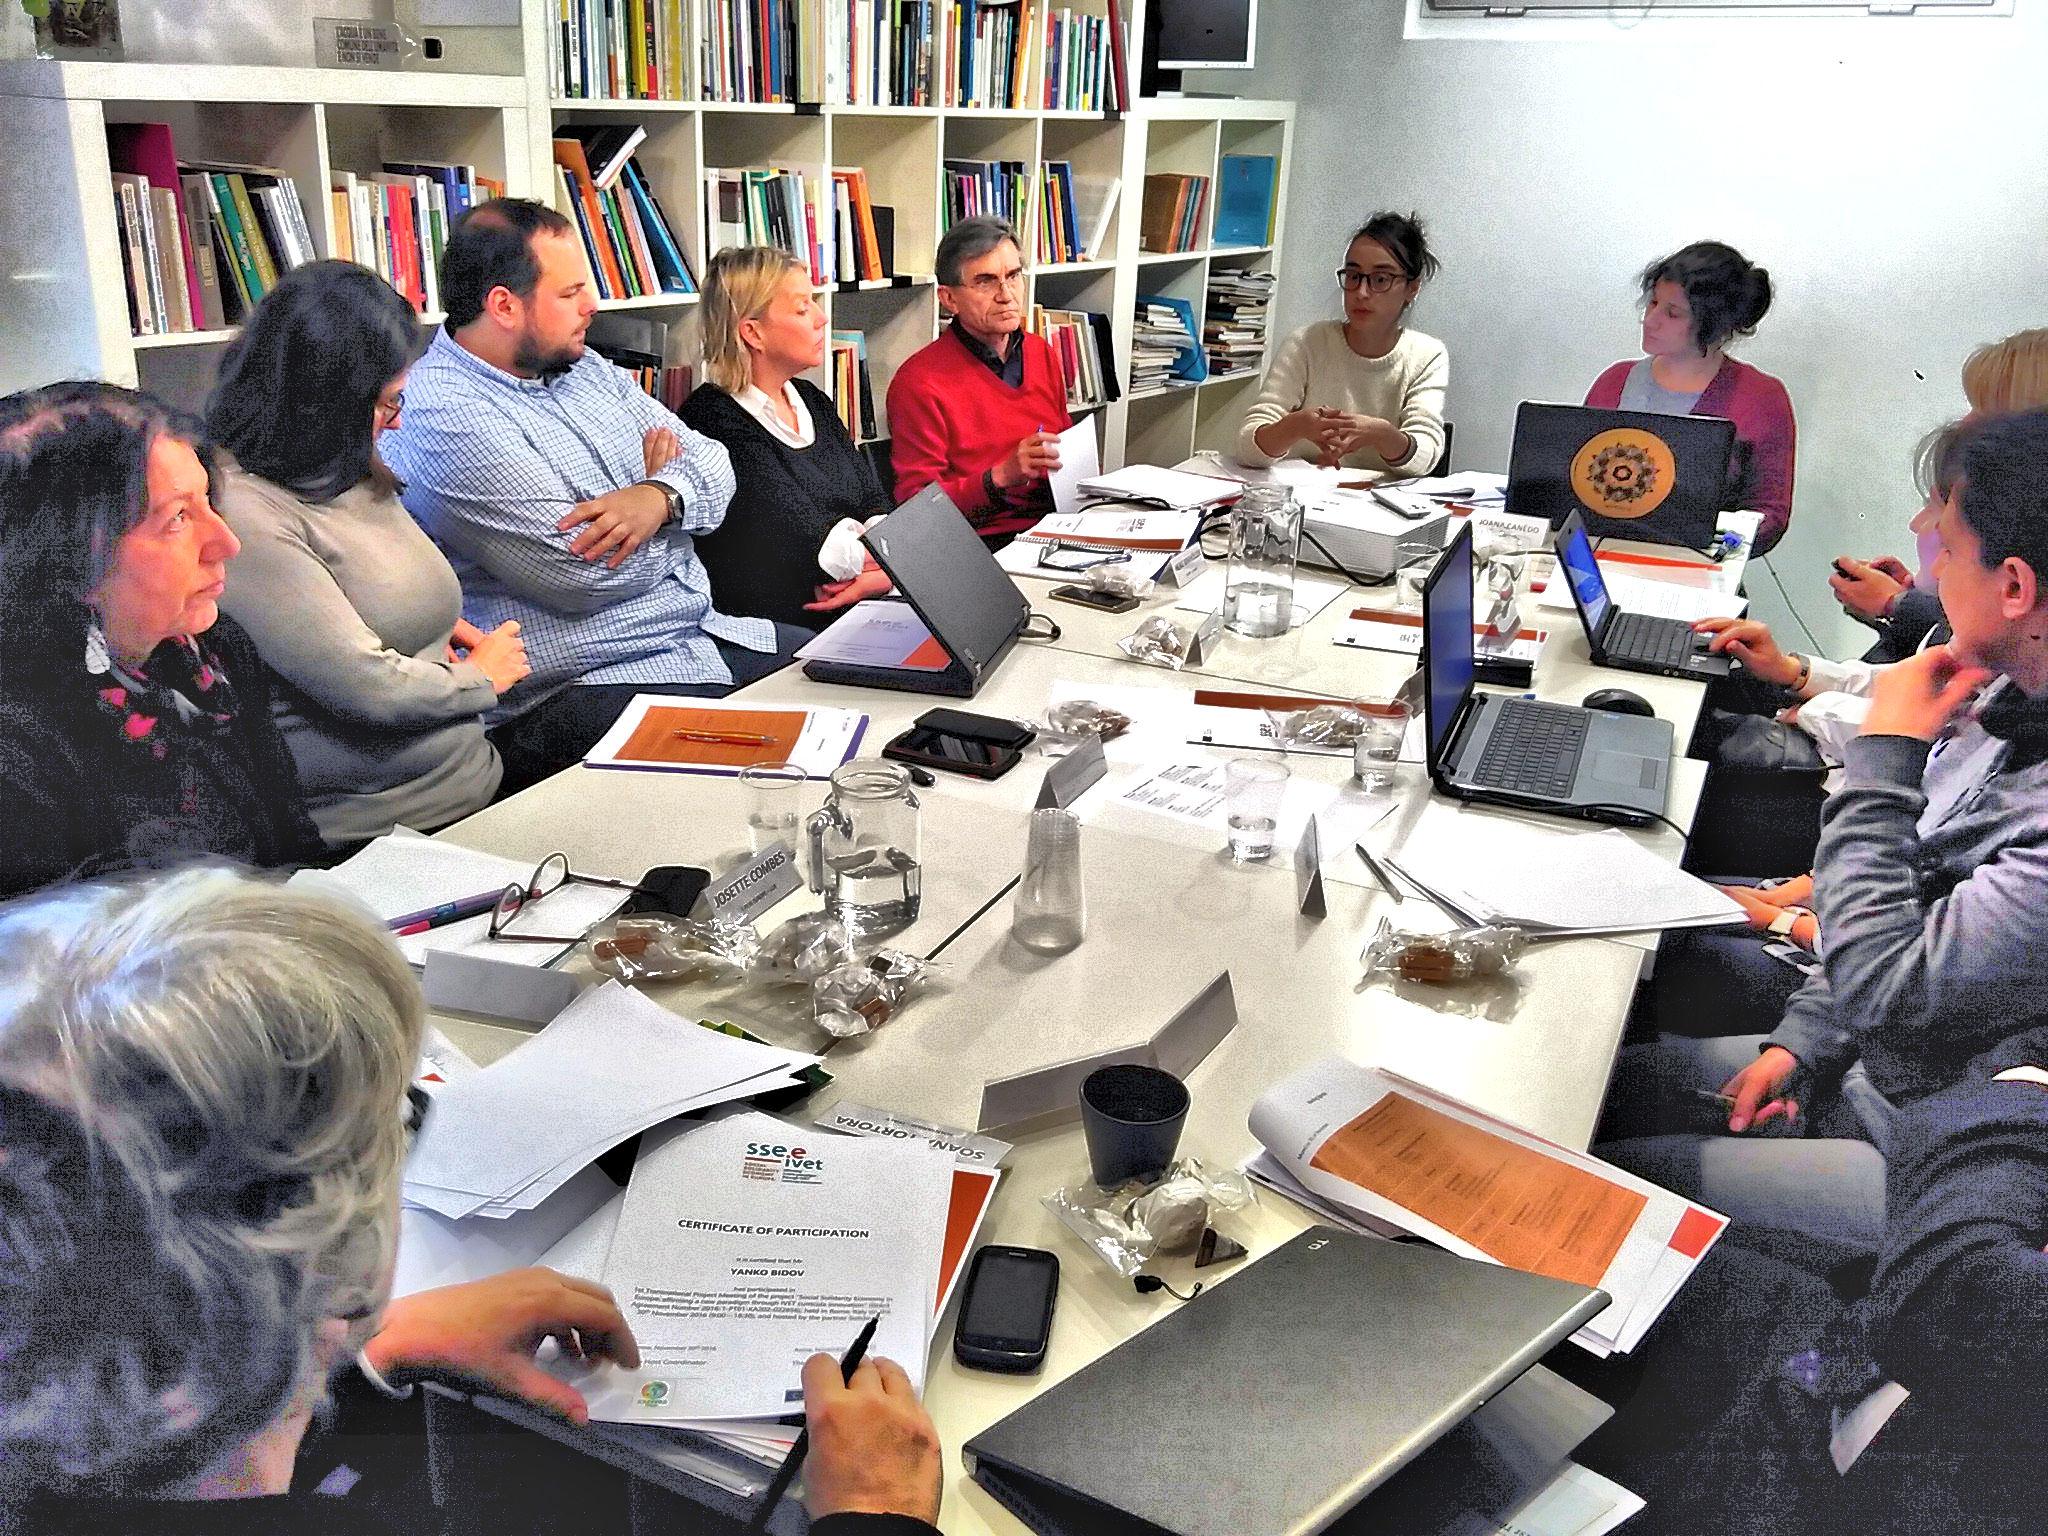 L'economia sociale solidale interroga la formazione professionale. Un progetto europeo mette la questione all'o.d.g.